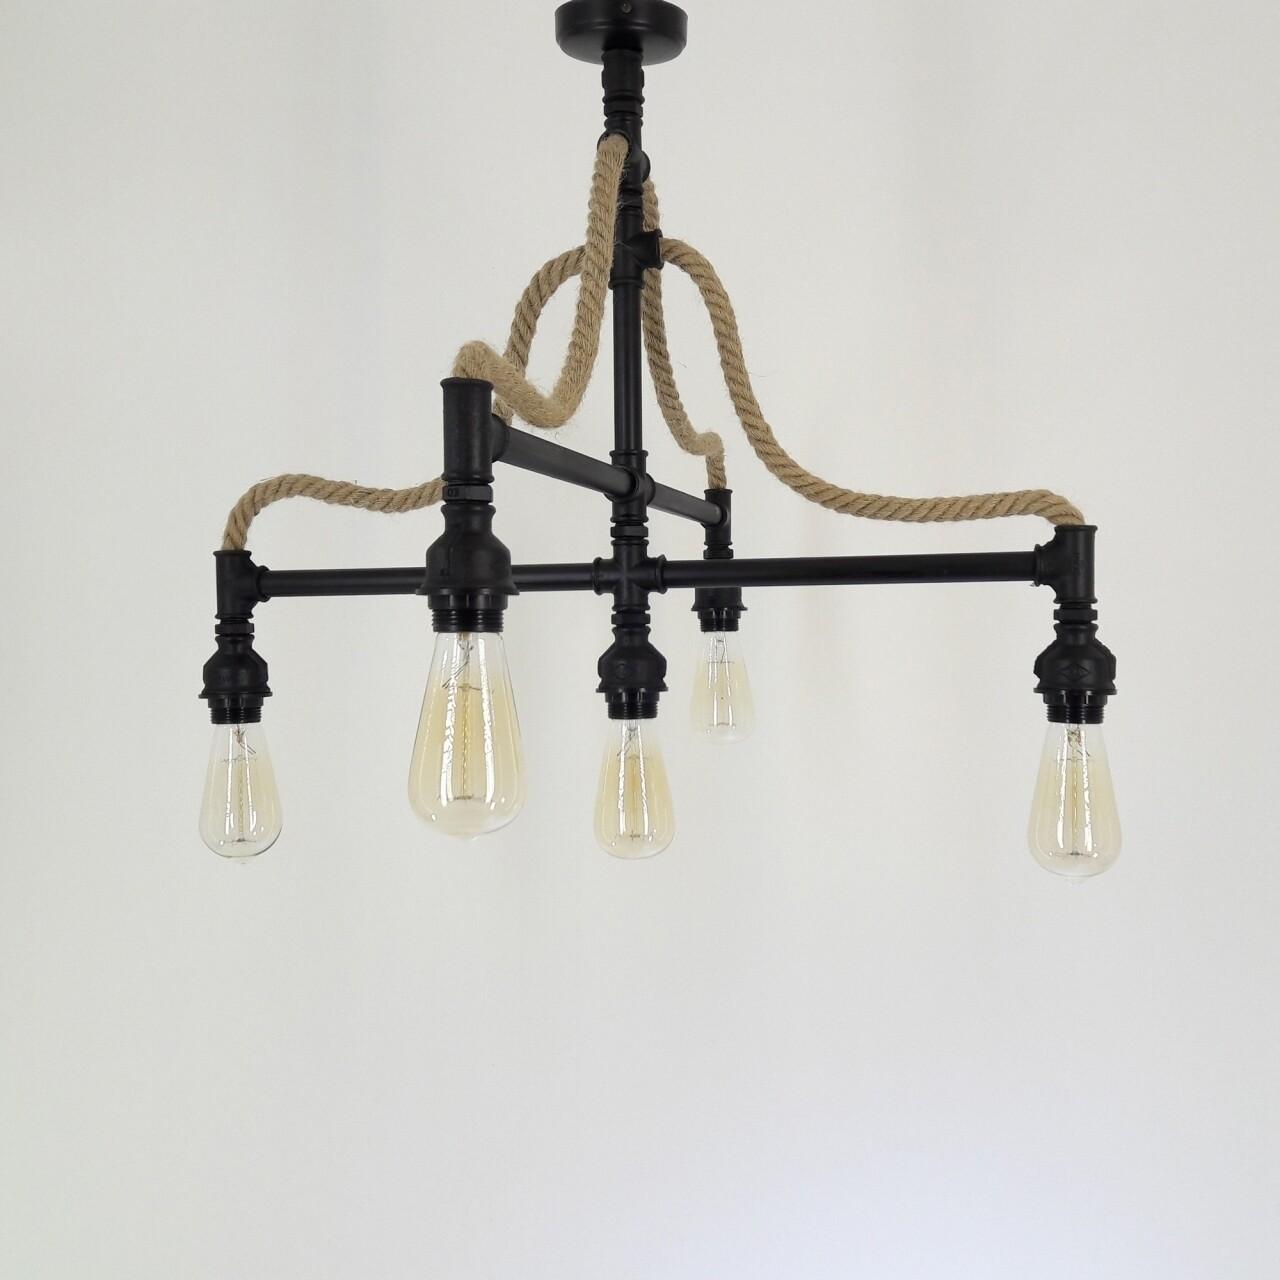 Candelabru All Design, metal, 73x55 cm, Black